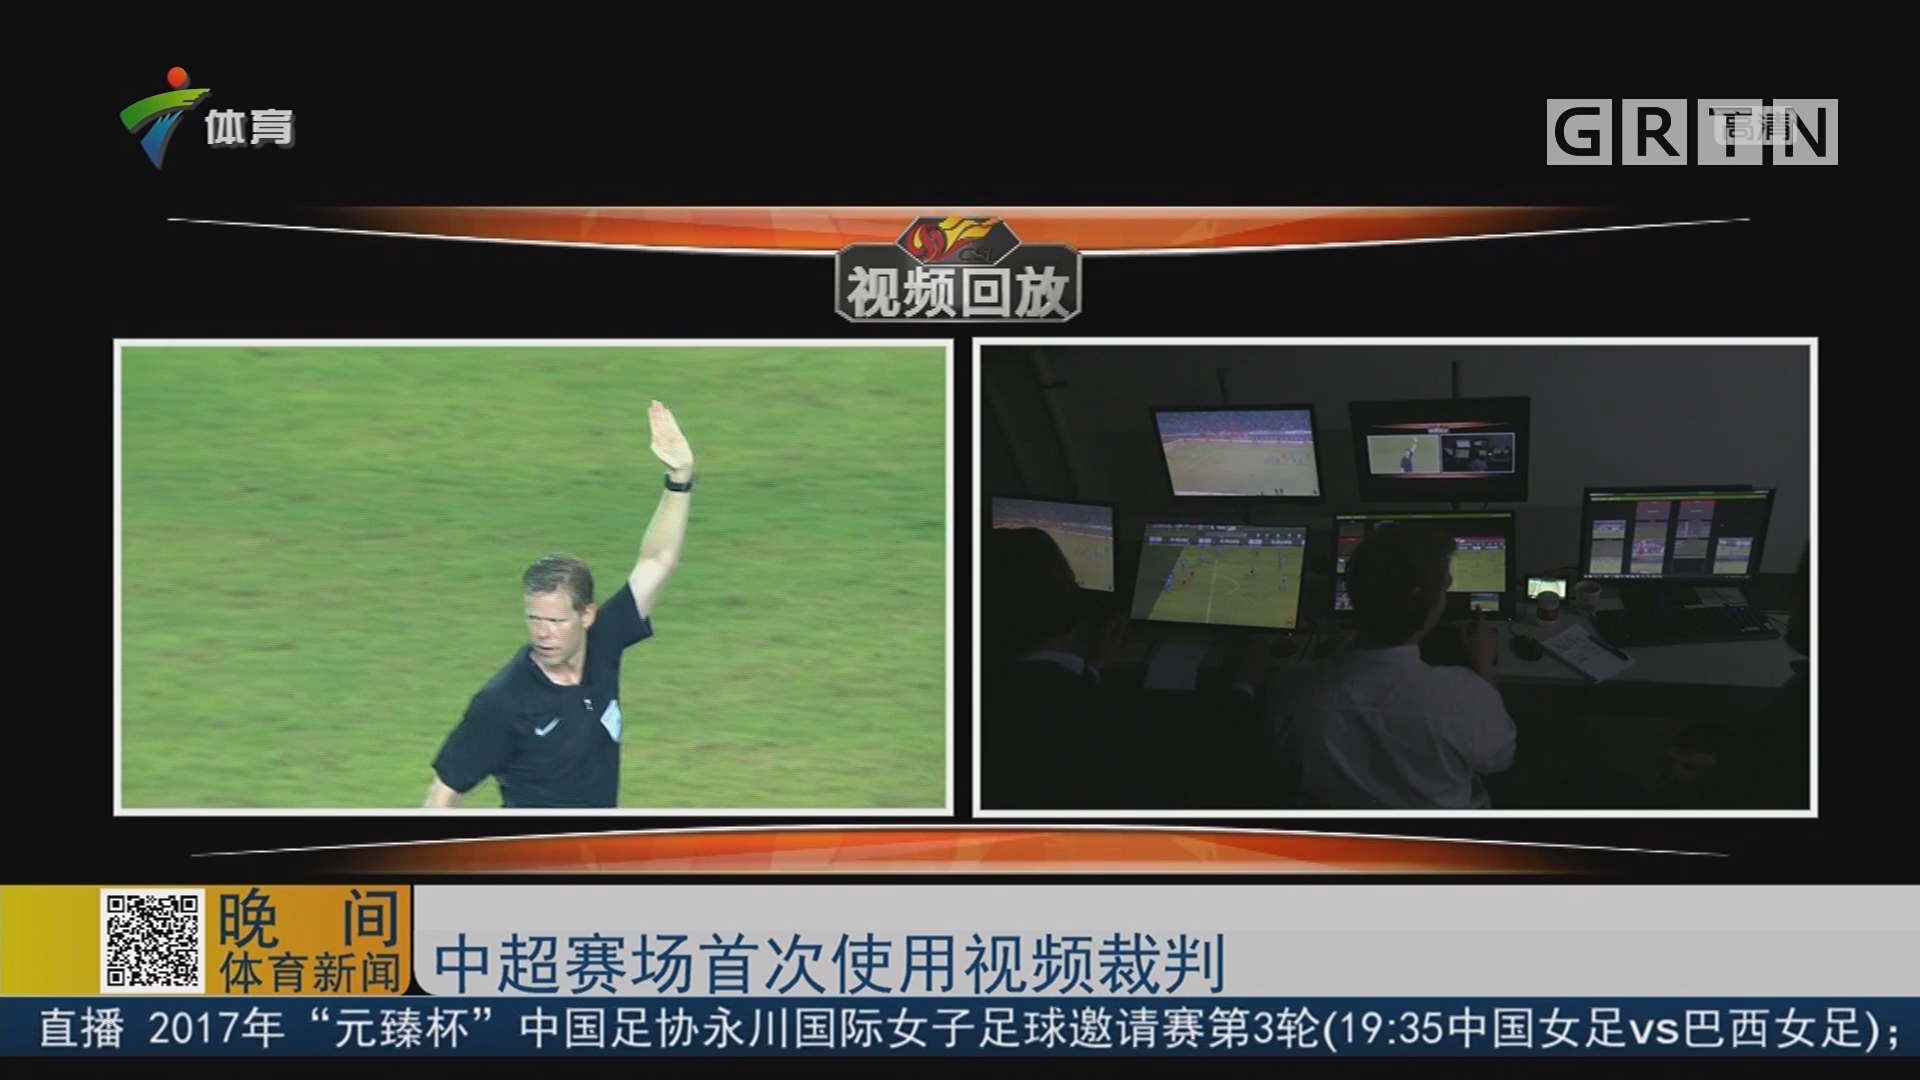 中超赛场首次使用视频裁判